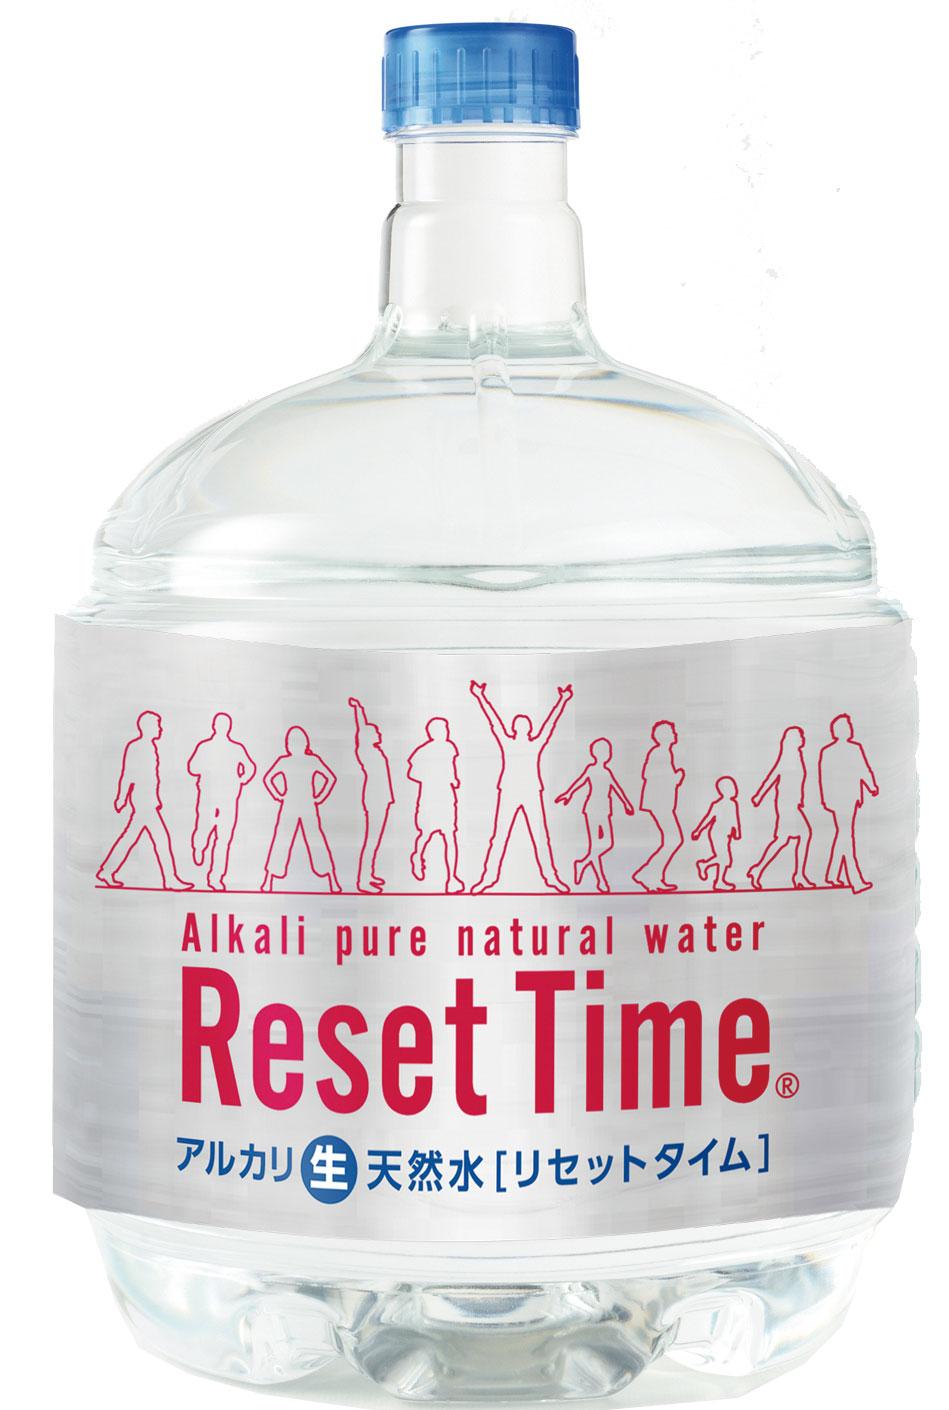 リセットタイム12.5L(ボトル)